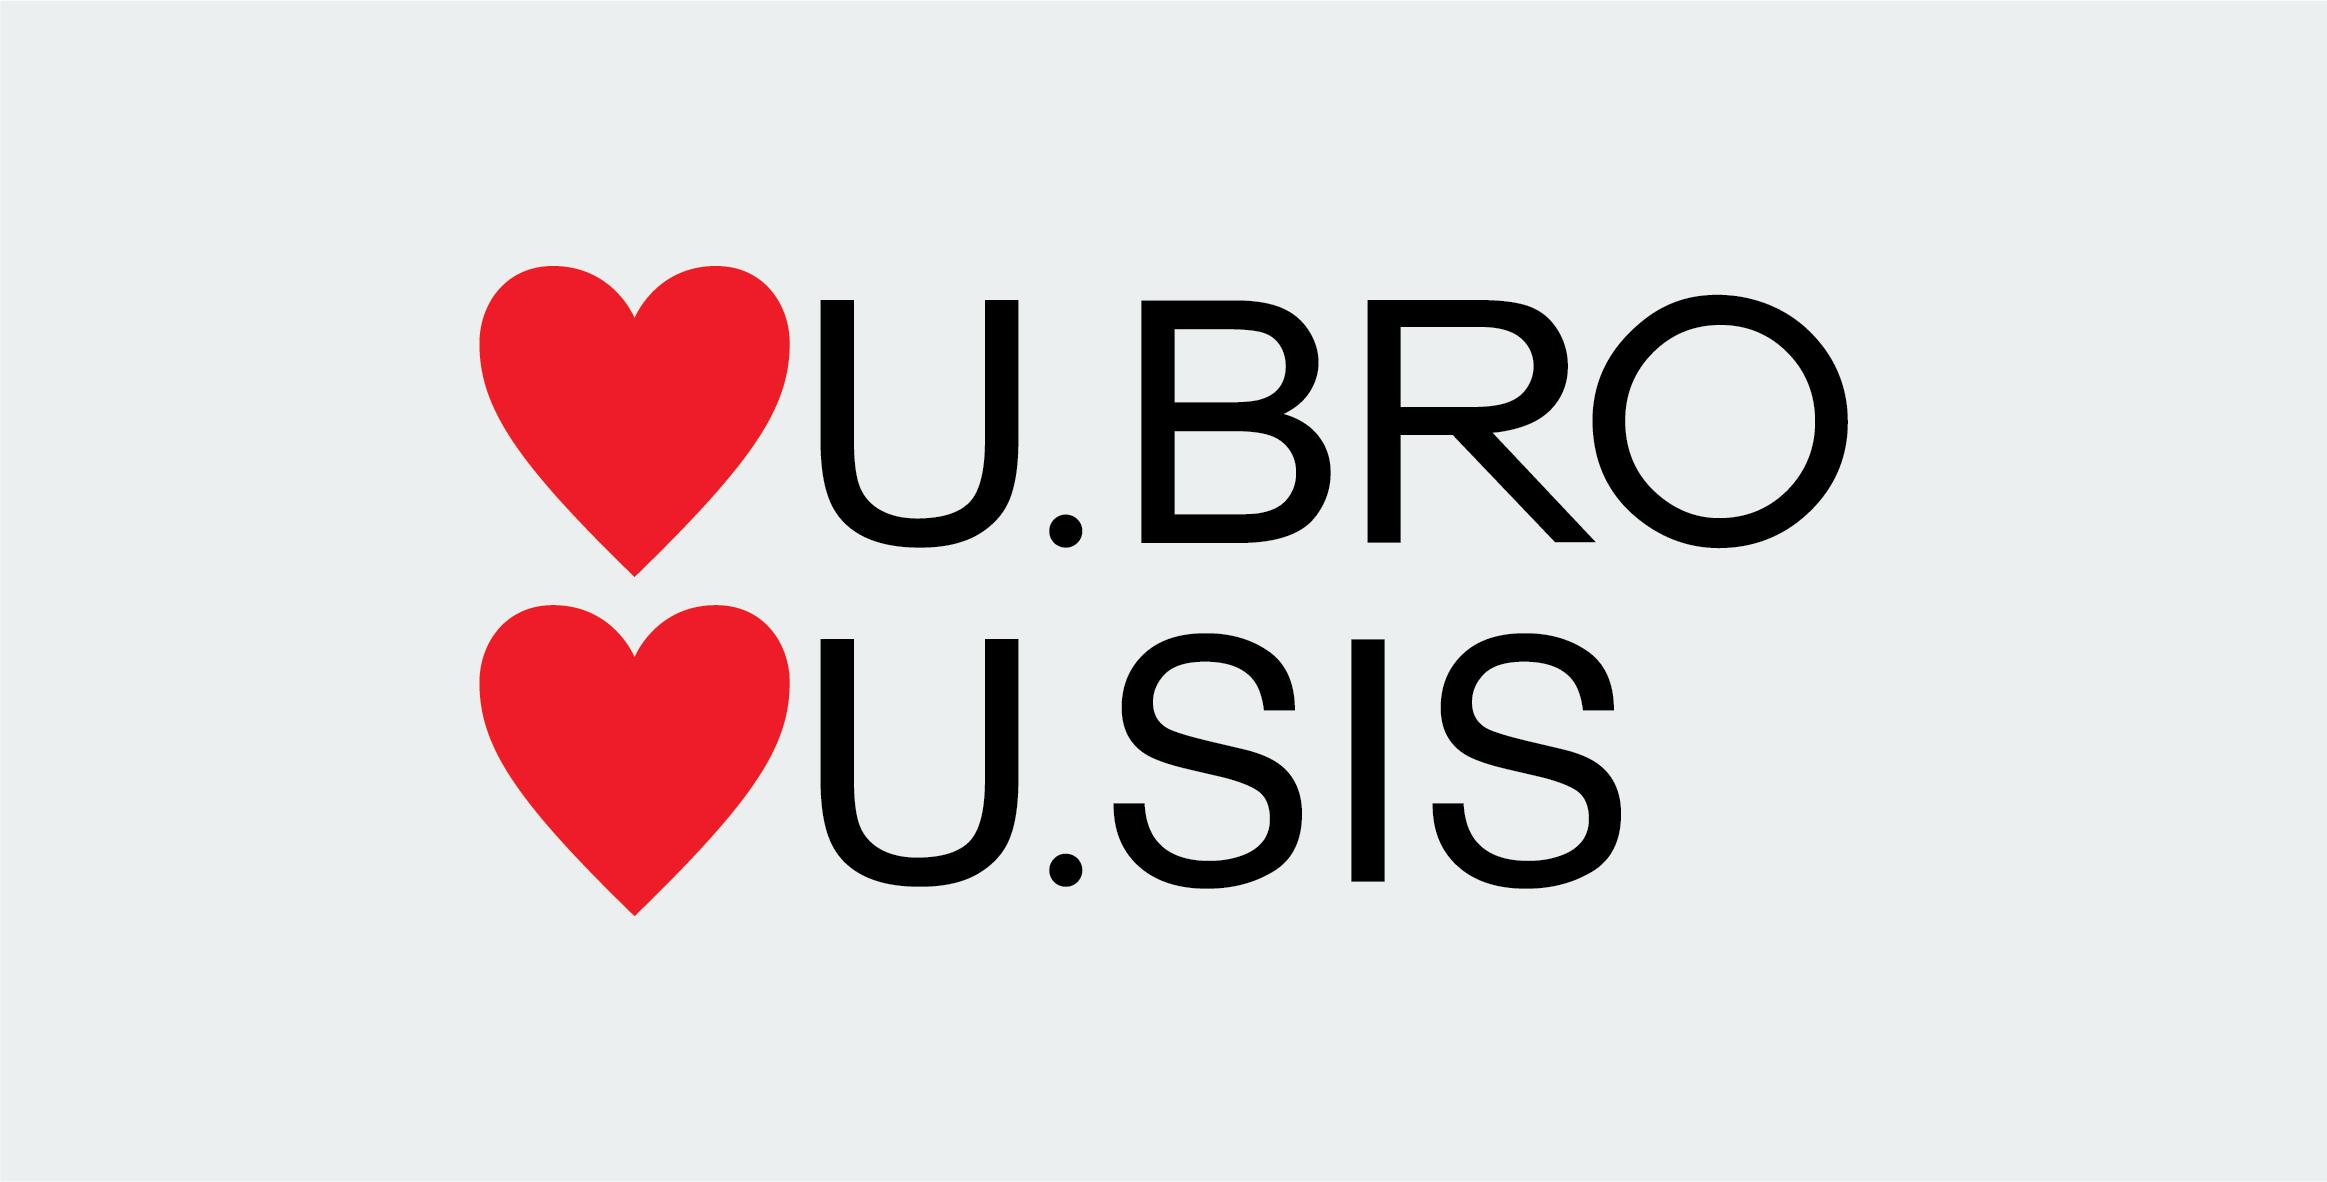 BURO. призналось в любви своим читателям в своем новом логотипе